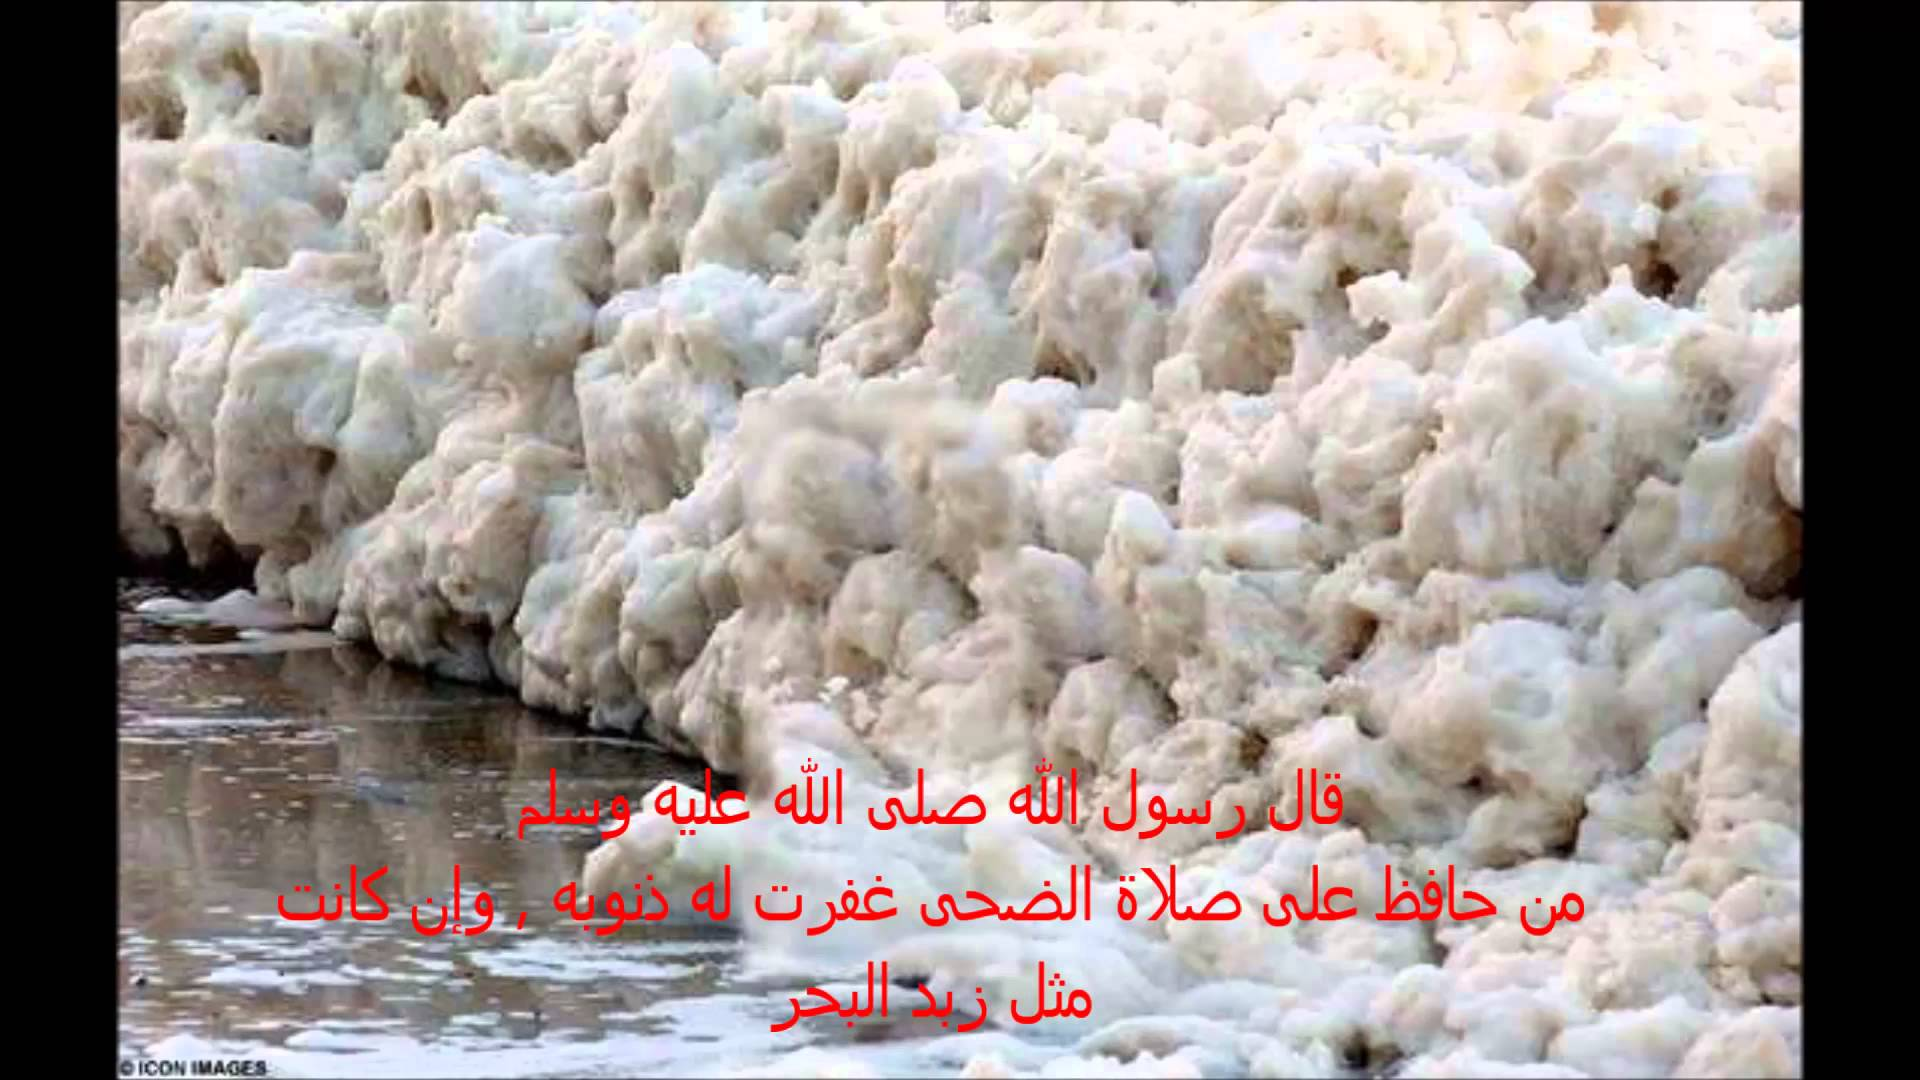 بالصور صور زبد البحر , سبحان الخالق اجمل صورة للبحر 1895